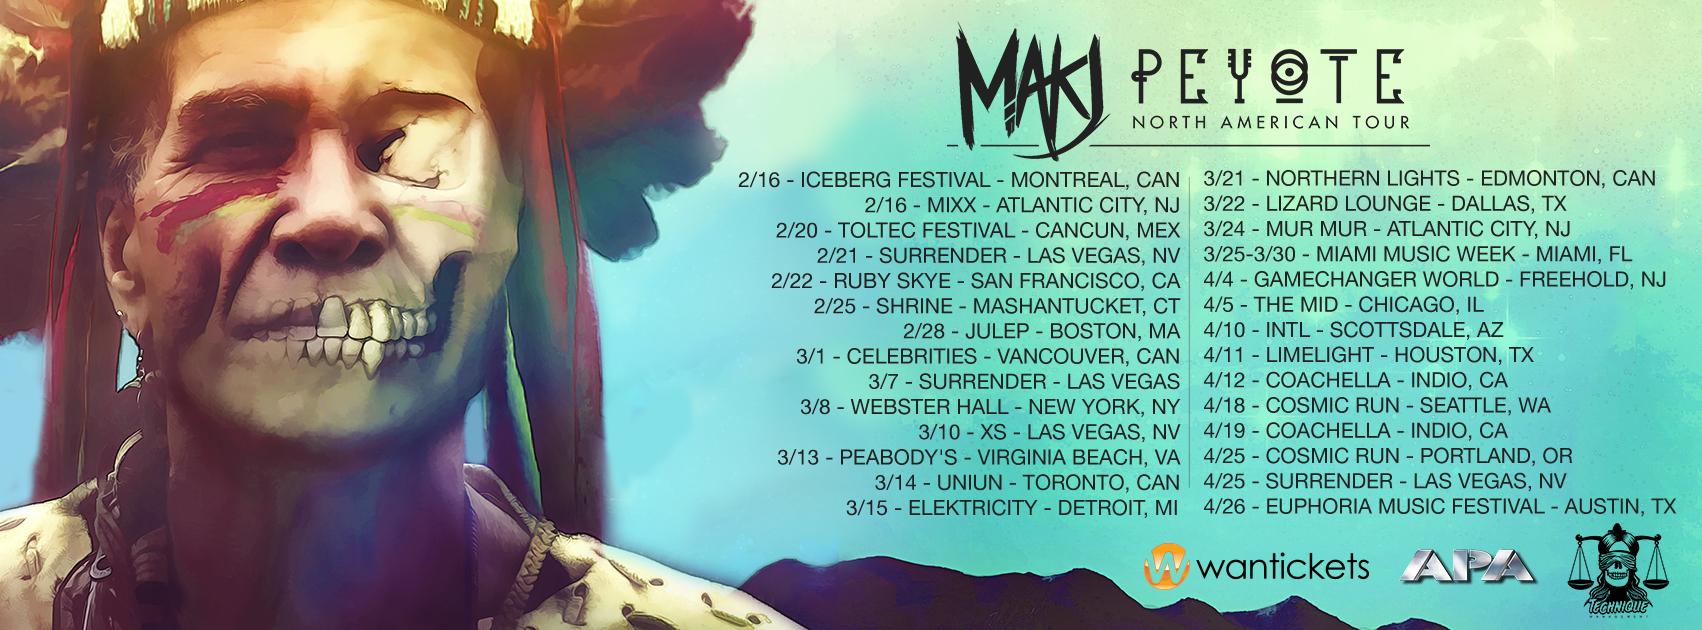 Peyote Tour Flyer